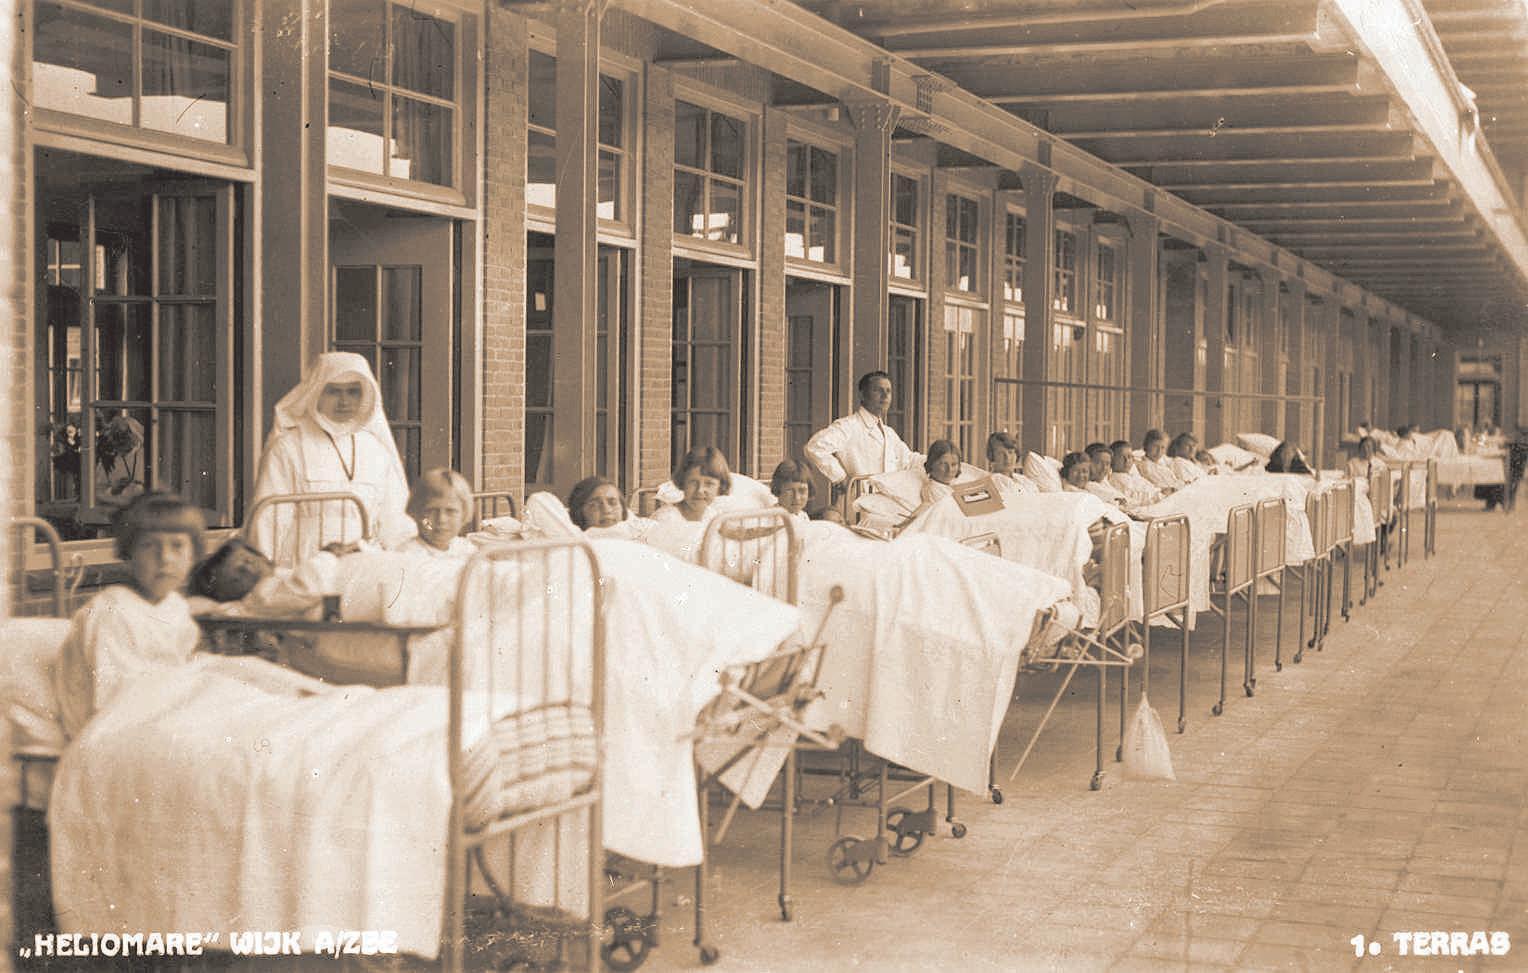 Beelden uit Wijk aan Zee in'Andere tijden': Zijn er overeenkomsten tussen de strijd tegen tbc en corona?